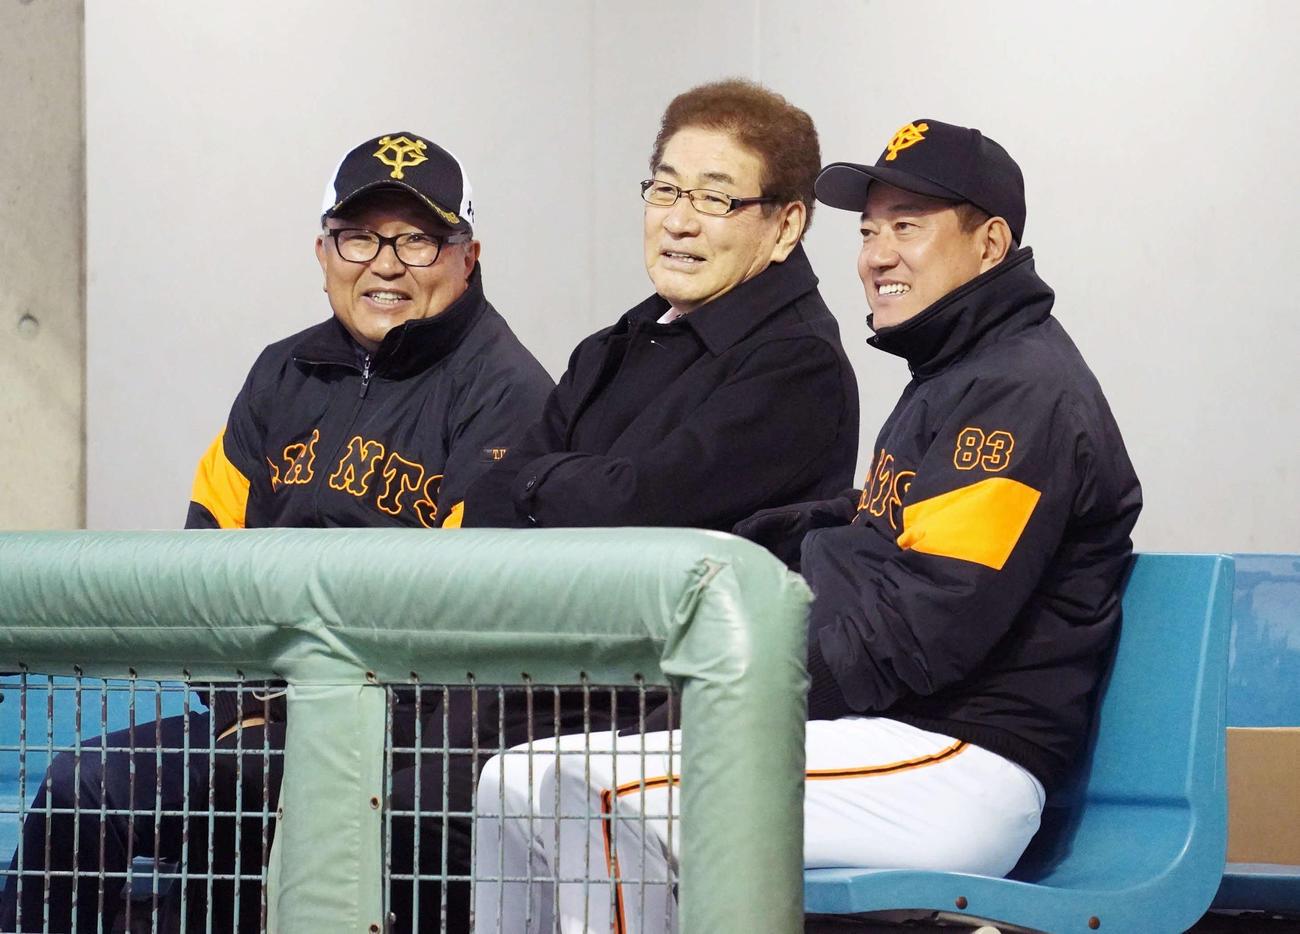 巨人宮崎キャンプを訪問し、原辰徳監督(右)、今村司球団社長(左)と談笑する山本浩二氏(撮影・加藤諒)